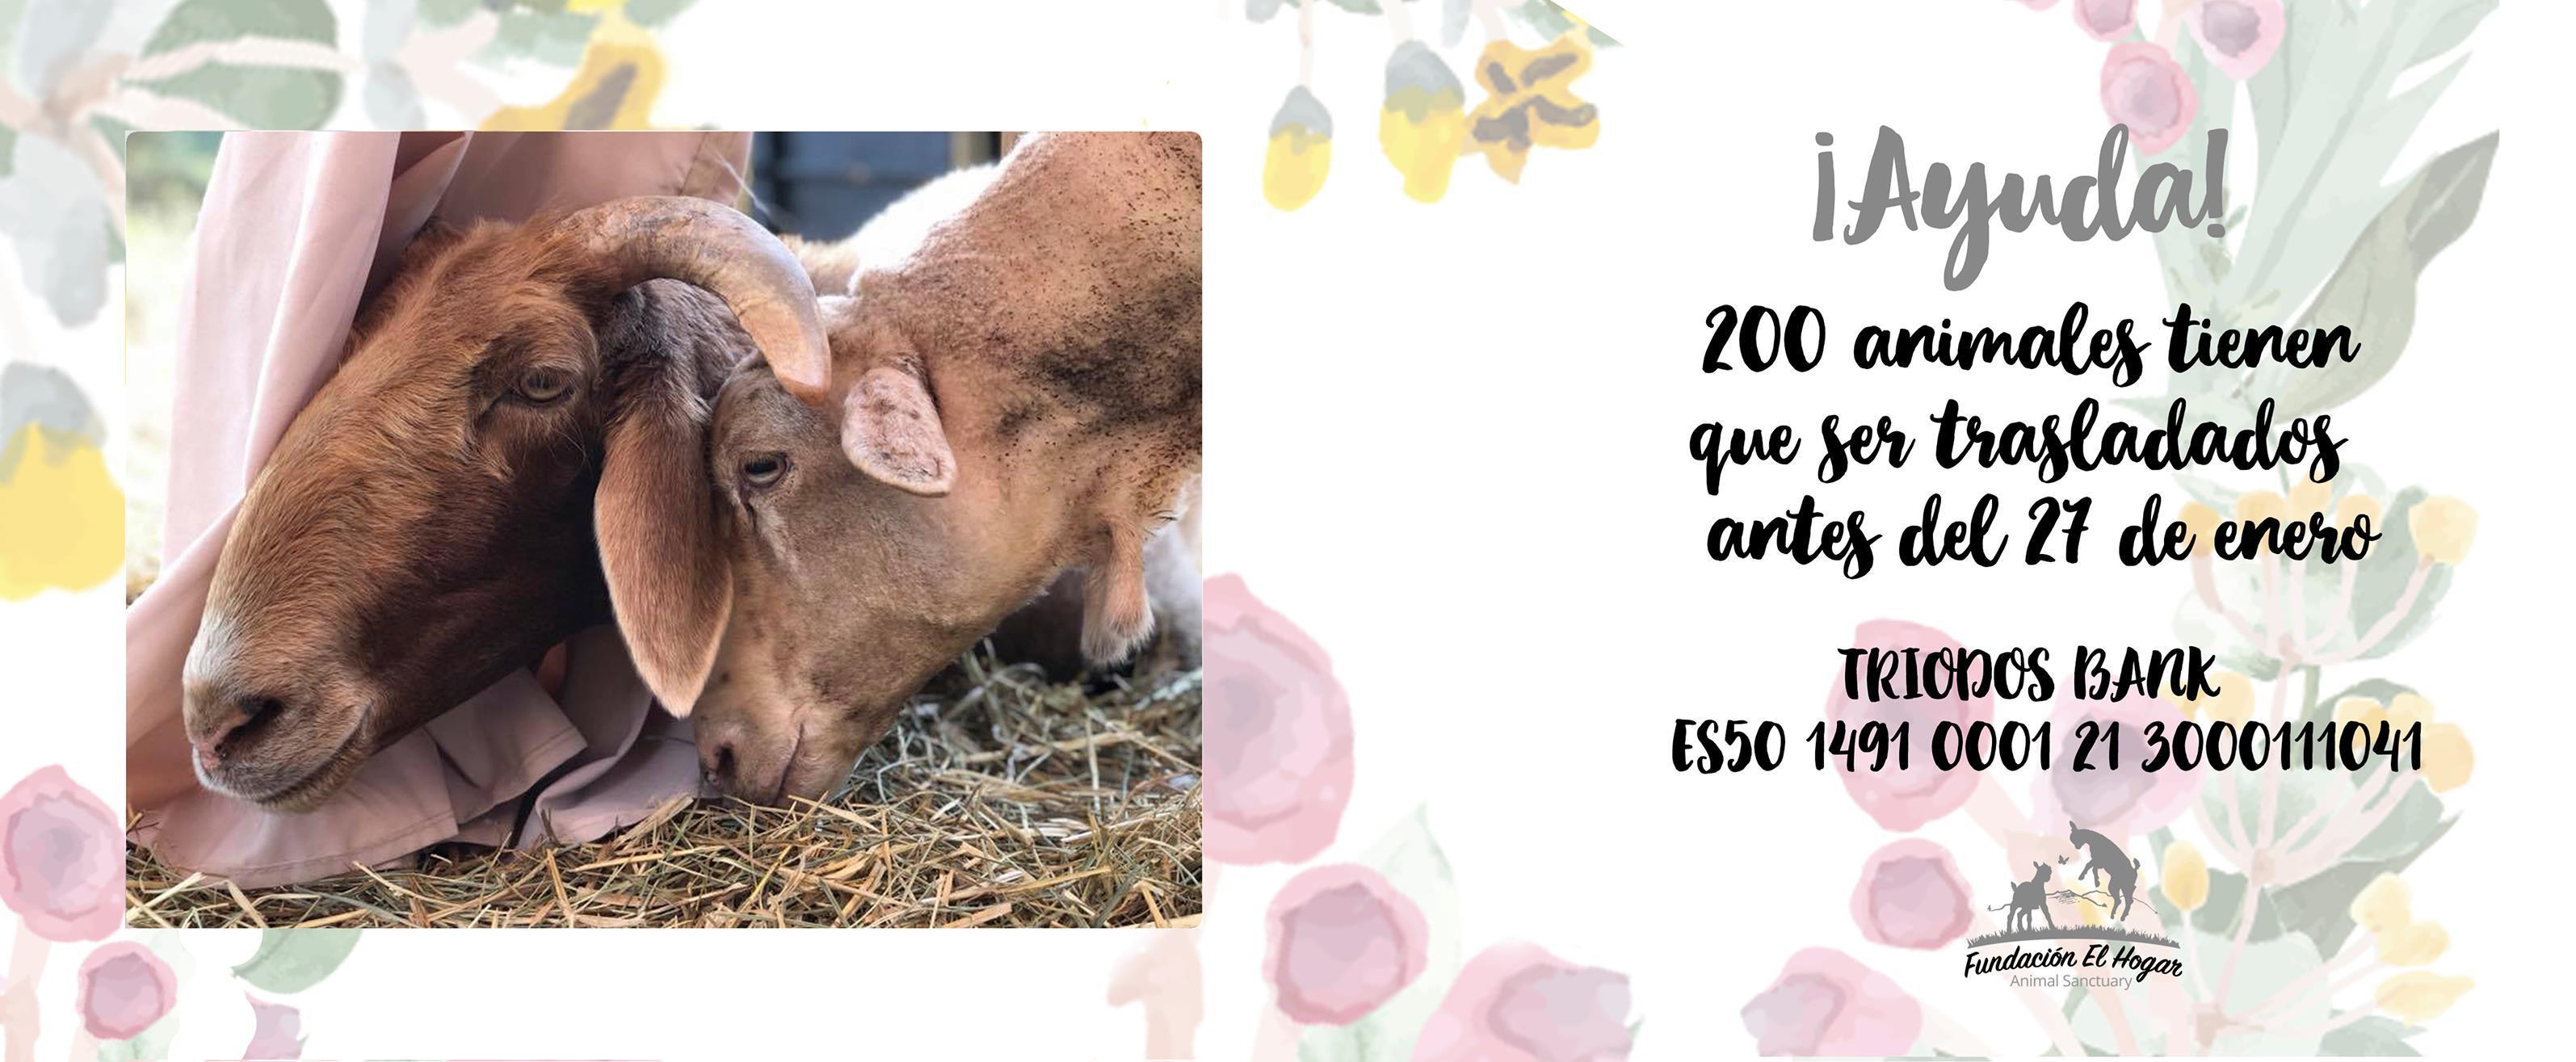 donativos el hogar animal sanctuary